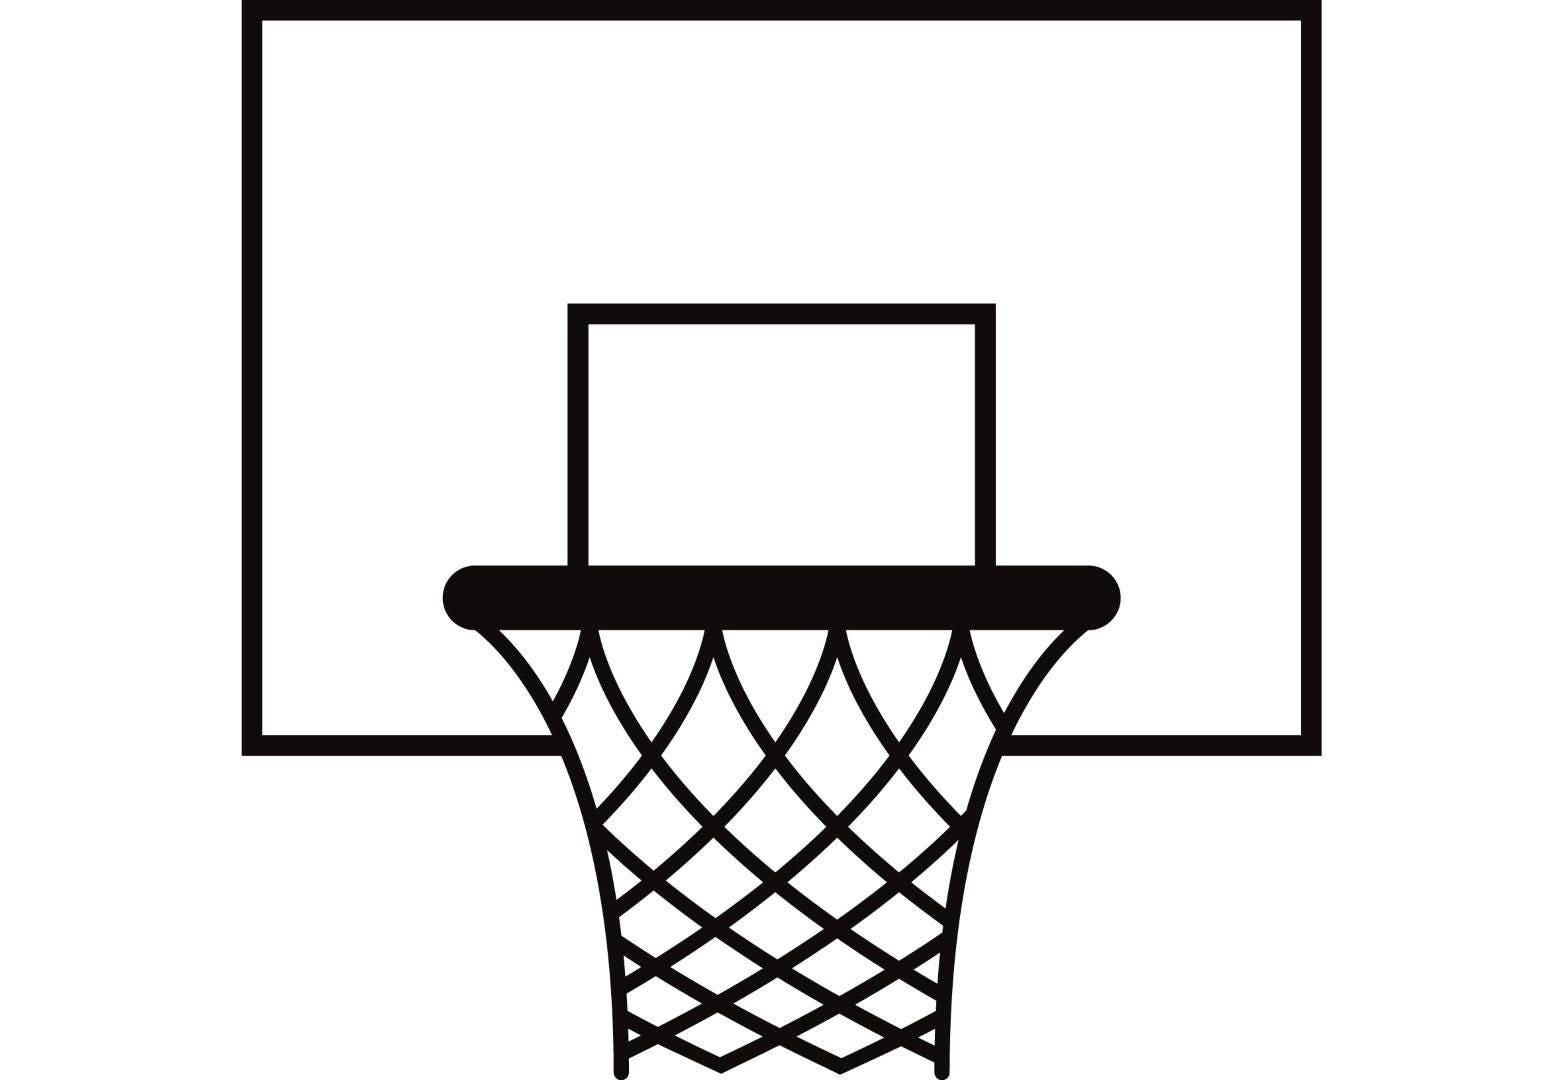 Basketball Hoop #1 Backboard Goal Rim Basket Net Sports